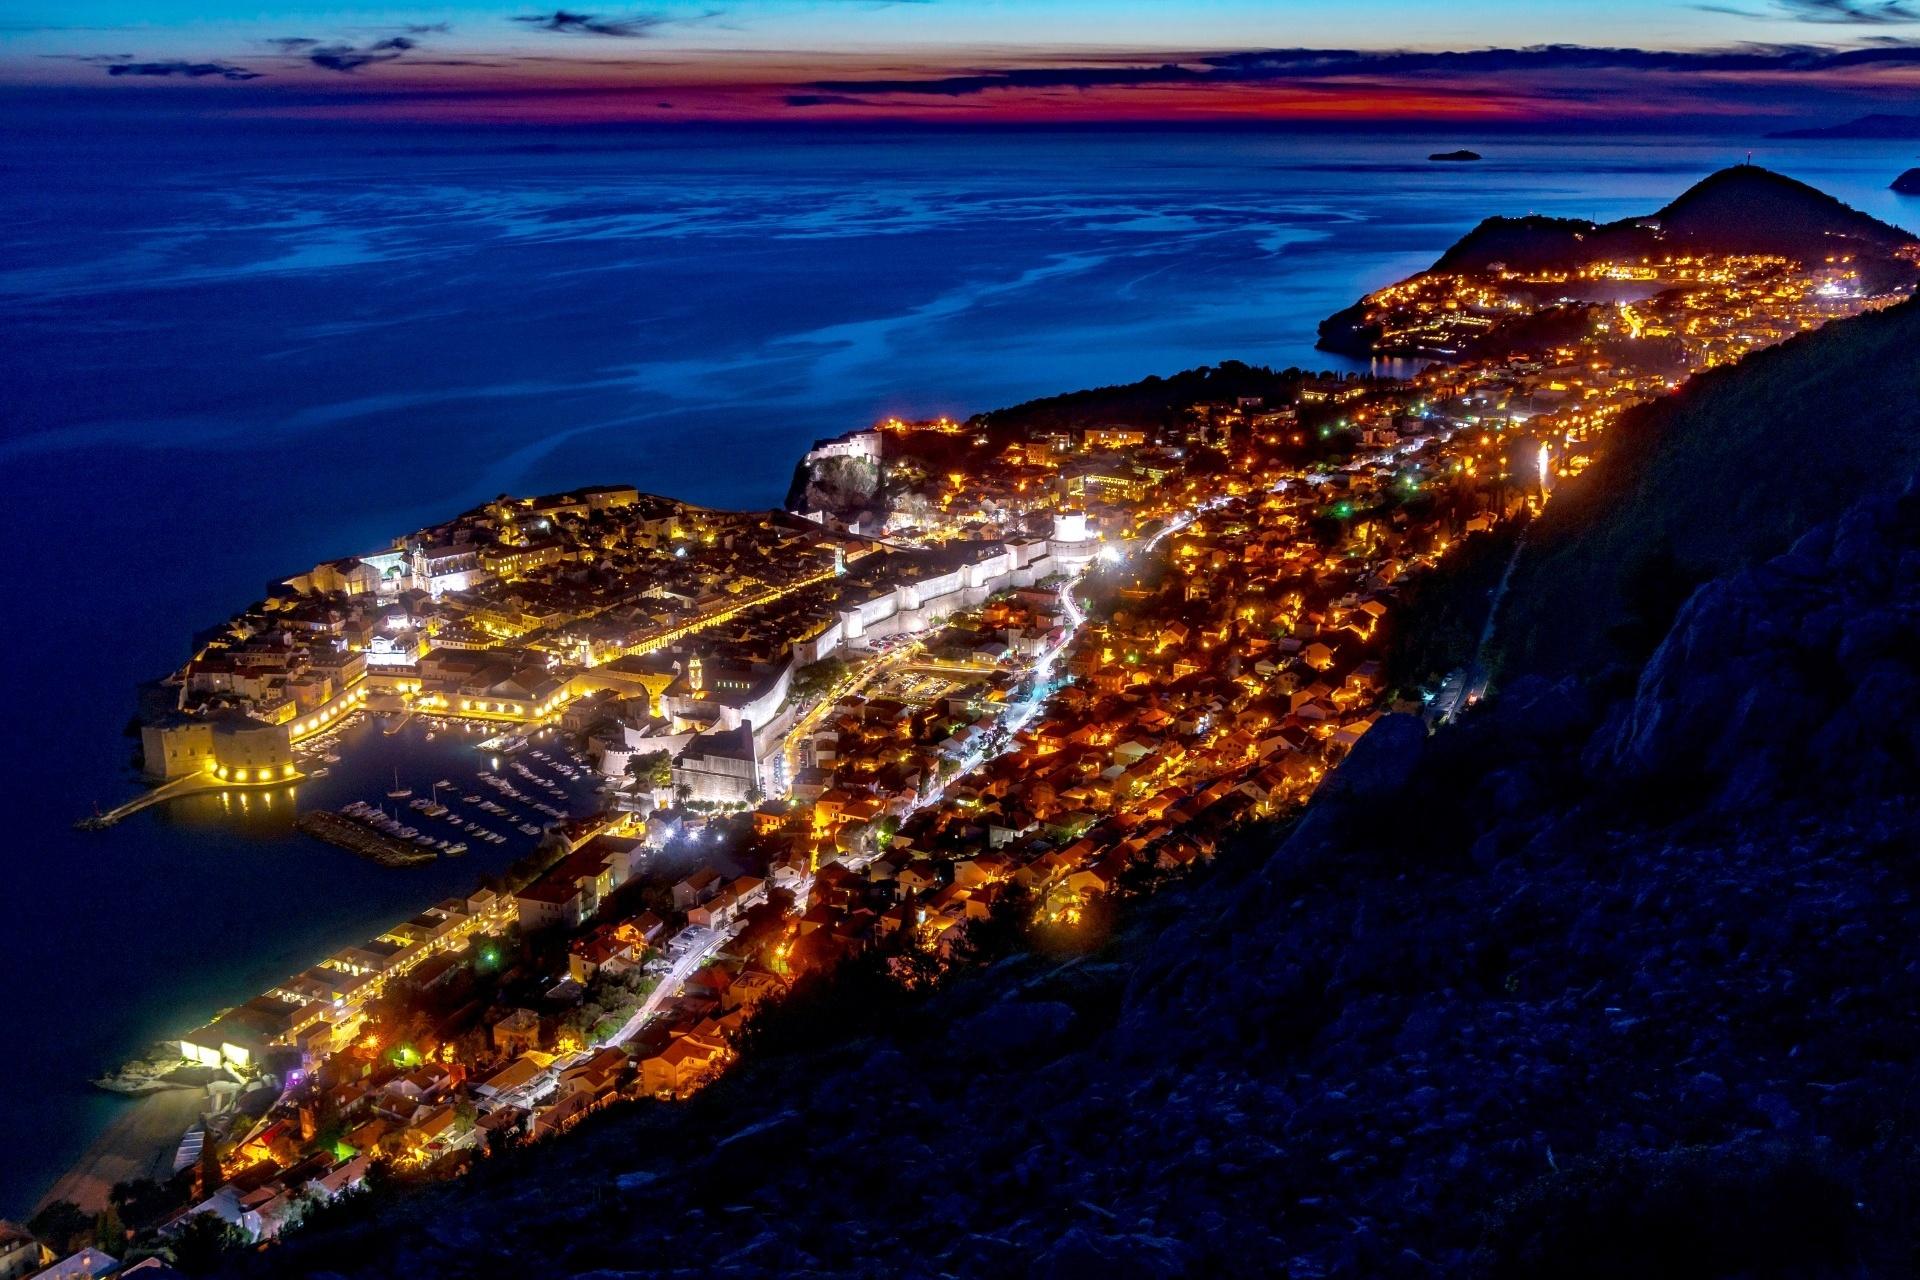 夜のドブロヴニクの町並み